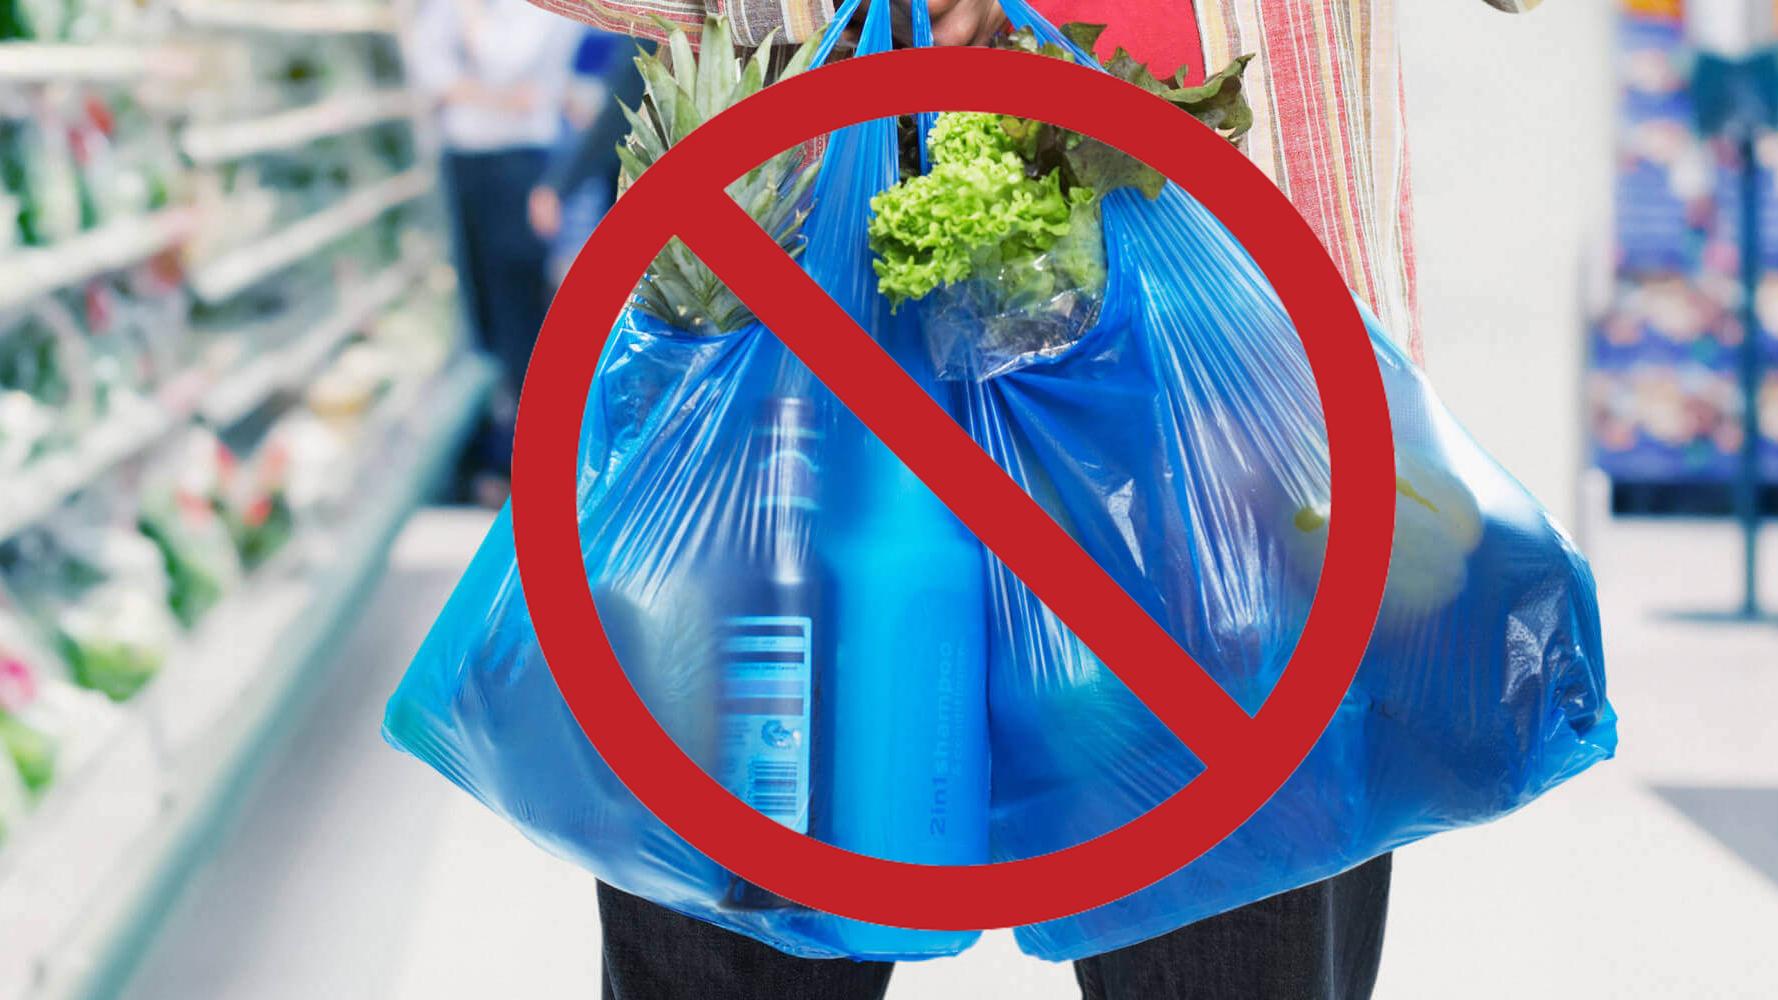 Україна обмежить використання пластикових пакетів - закон - 17 paket